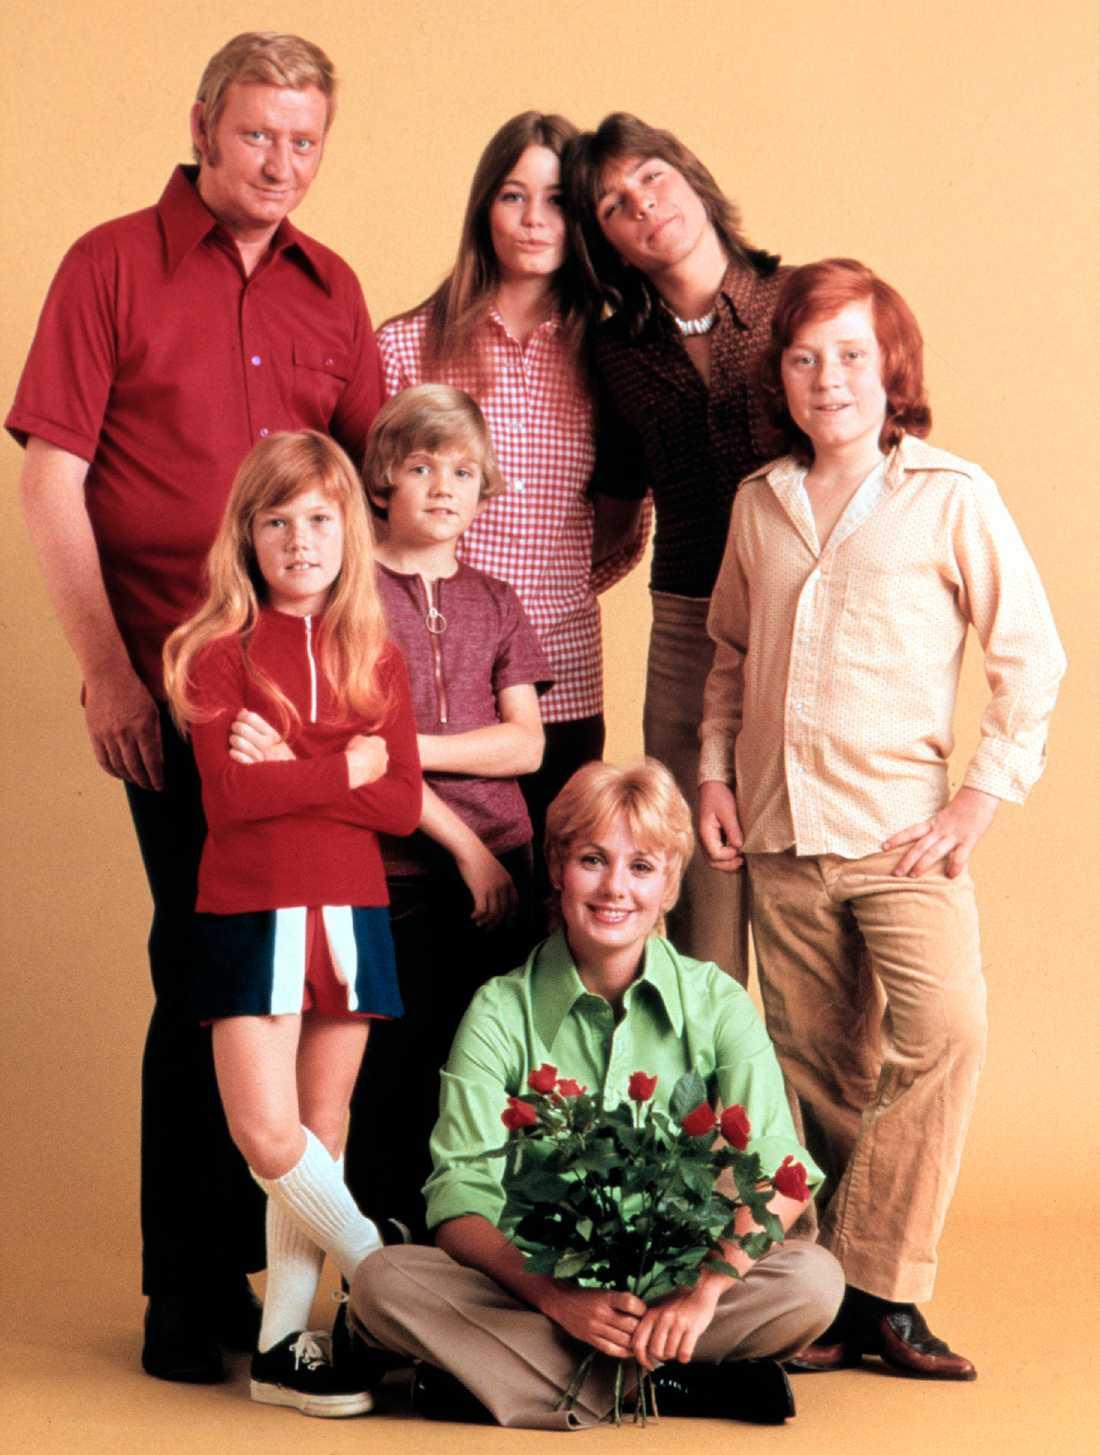 """""""The Partridge family"""", David Cassidy trea från vänster spelade rollen som Keith Partridge."""